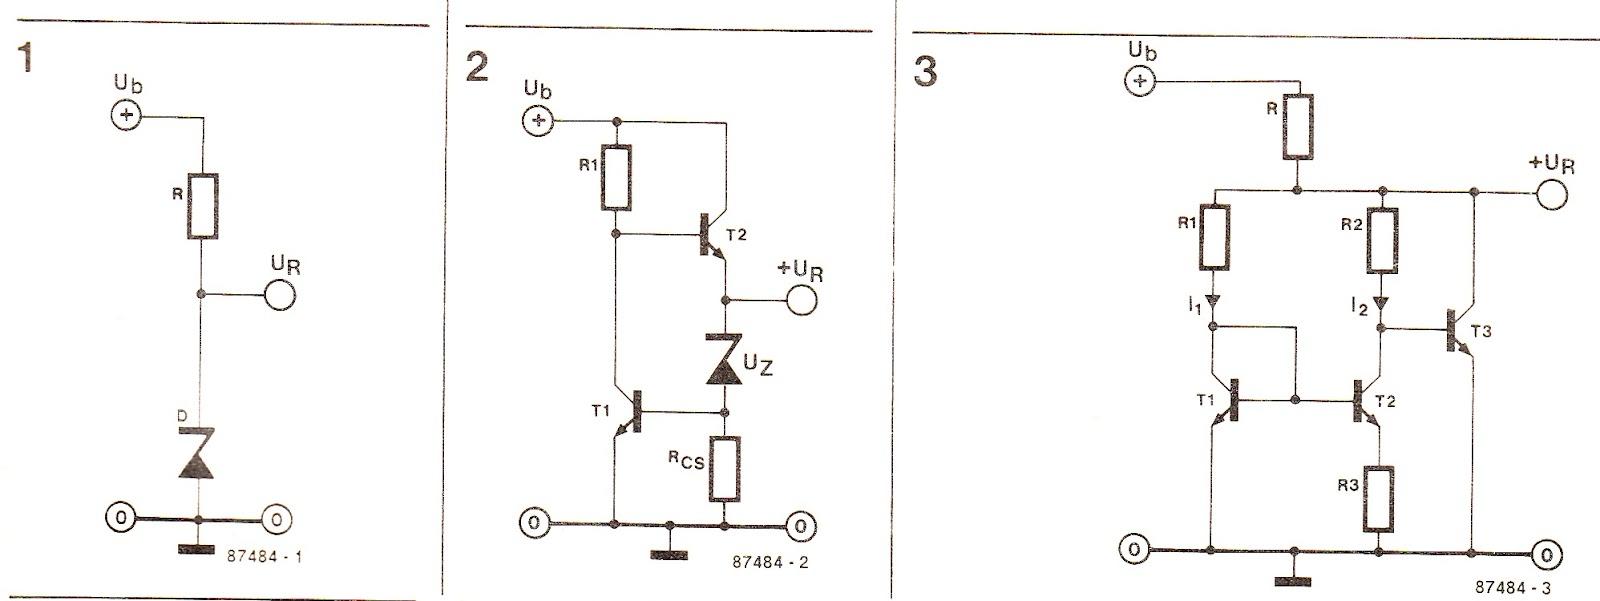 hight resolution of zener diode circuit zener diode voltage regulator circuit zener diode diagram zener regulator circuit diode in